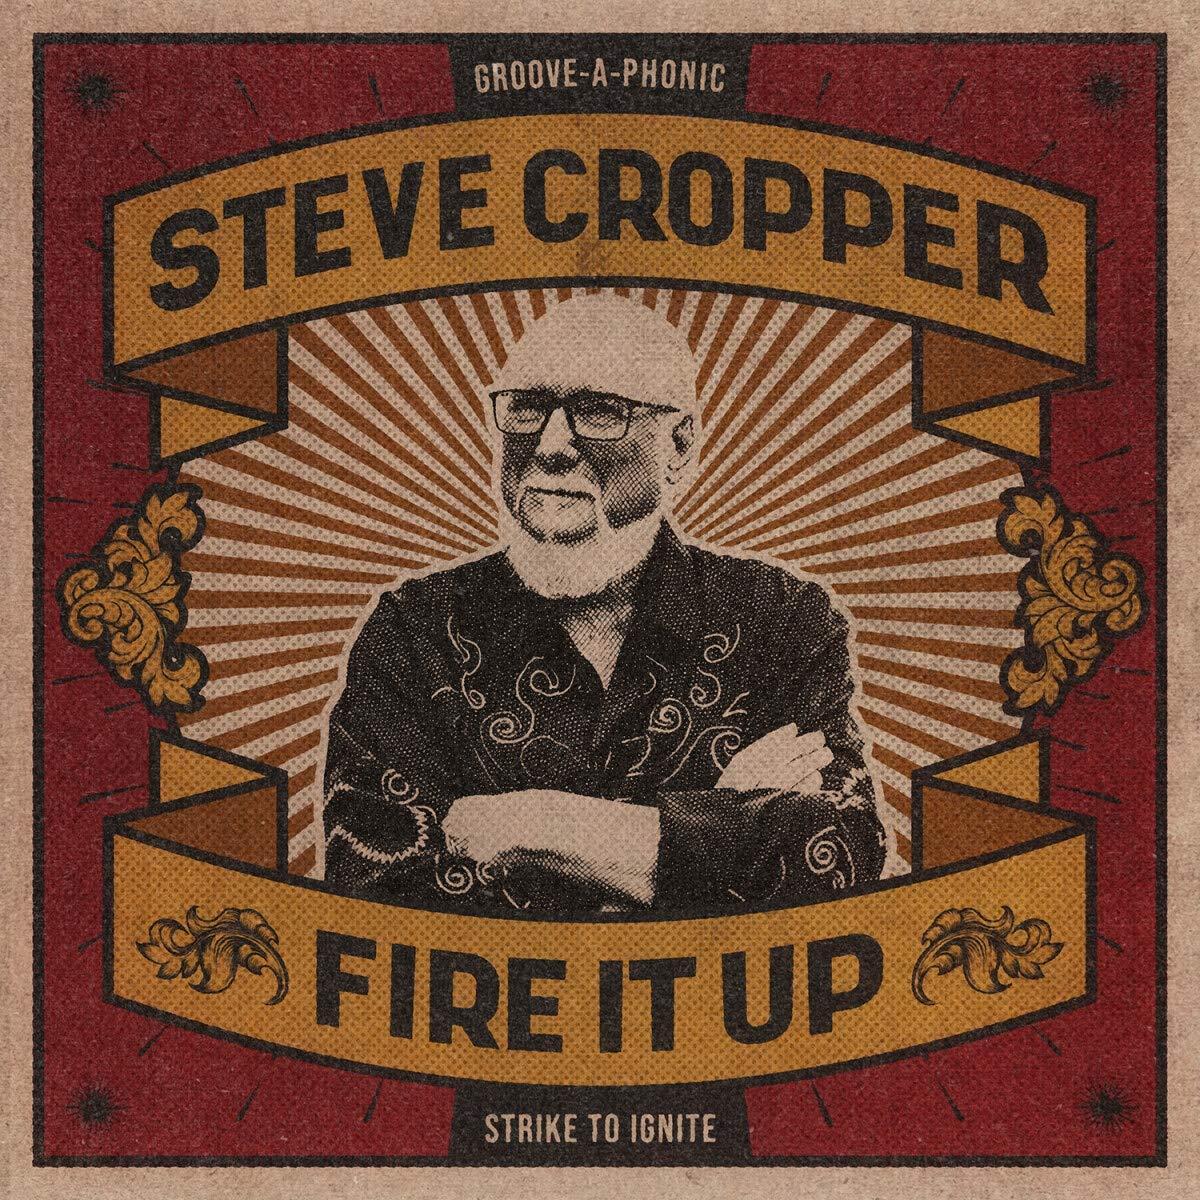 Steve Cropper: Fire It Up